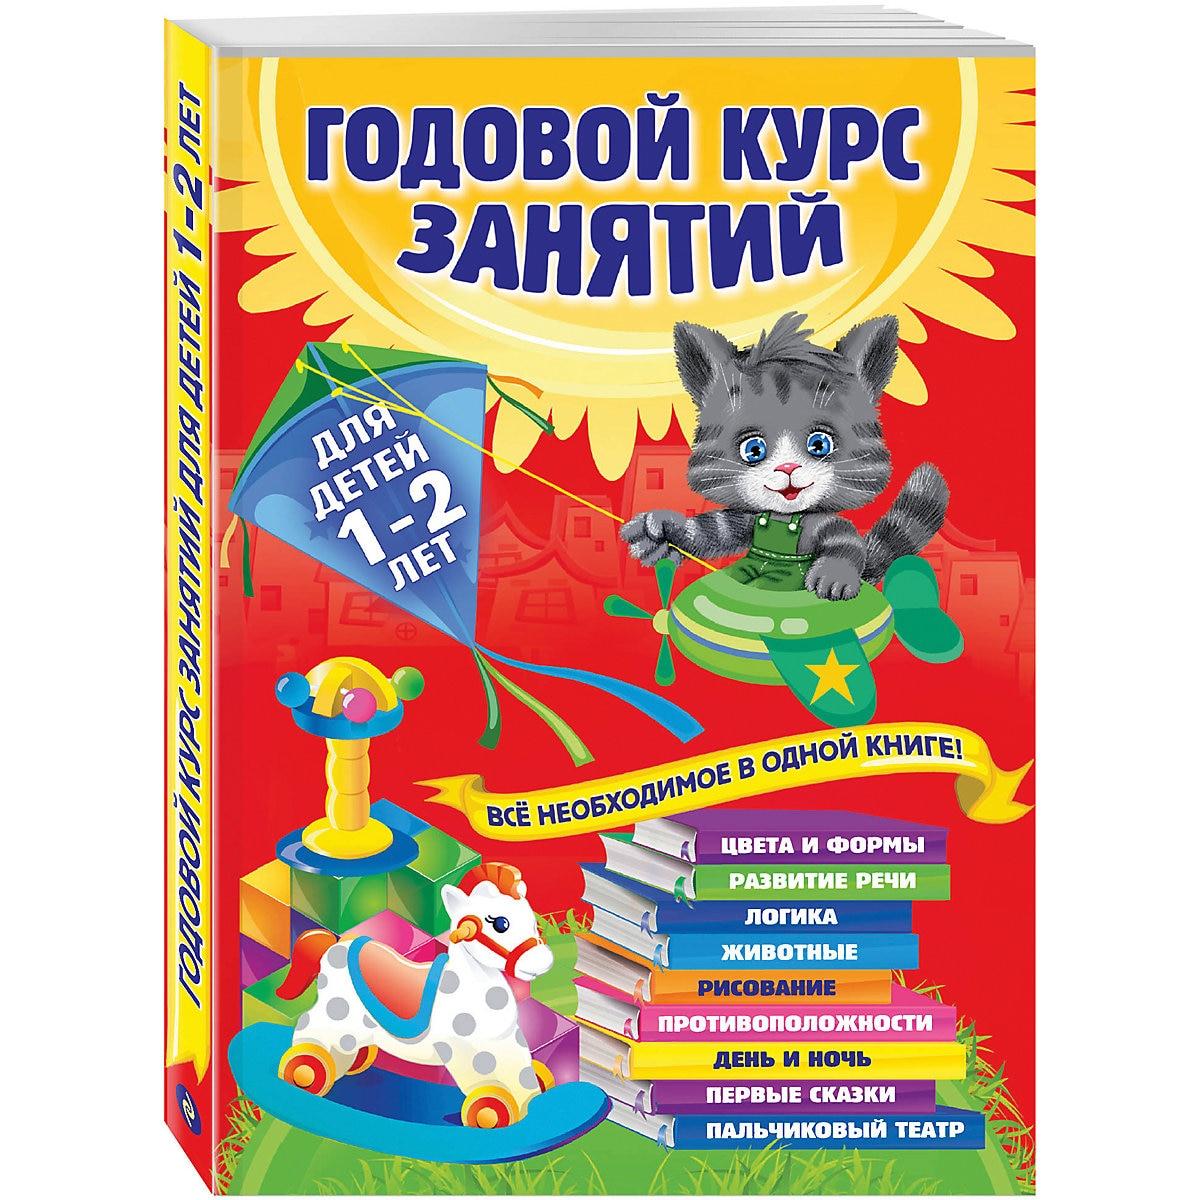 Libros EKSMO 4355901 niños educación encyclope alfabeto diccionario libro para bebé MTpromo